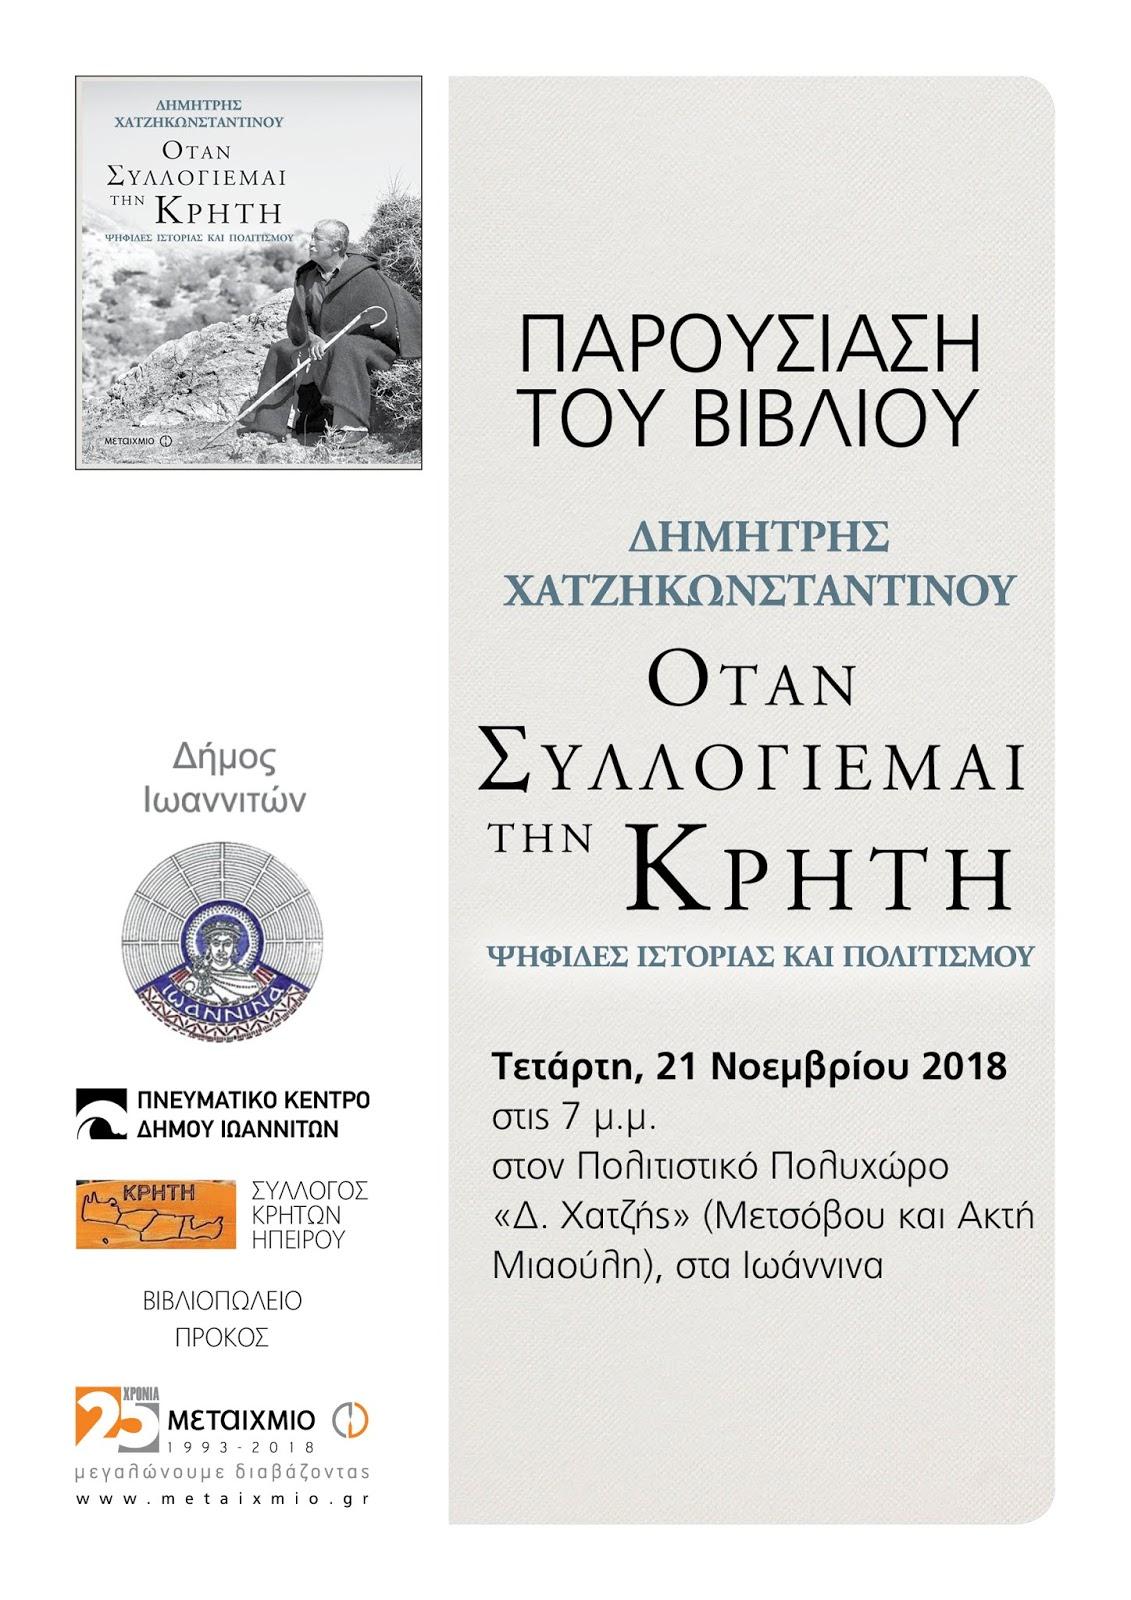 Όλη η Κρήτη σε ένα λεύκωμα...στο Πνευματικό Κέντρο του Δήμου Ιωαννιτών